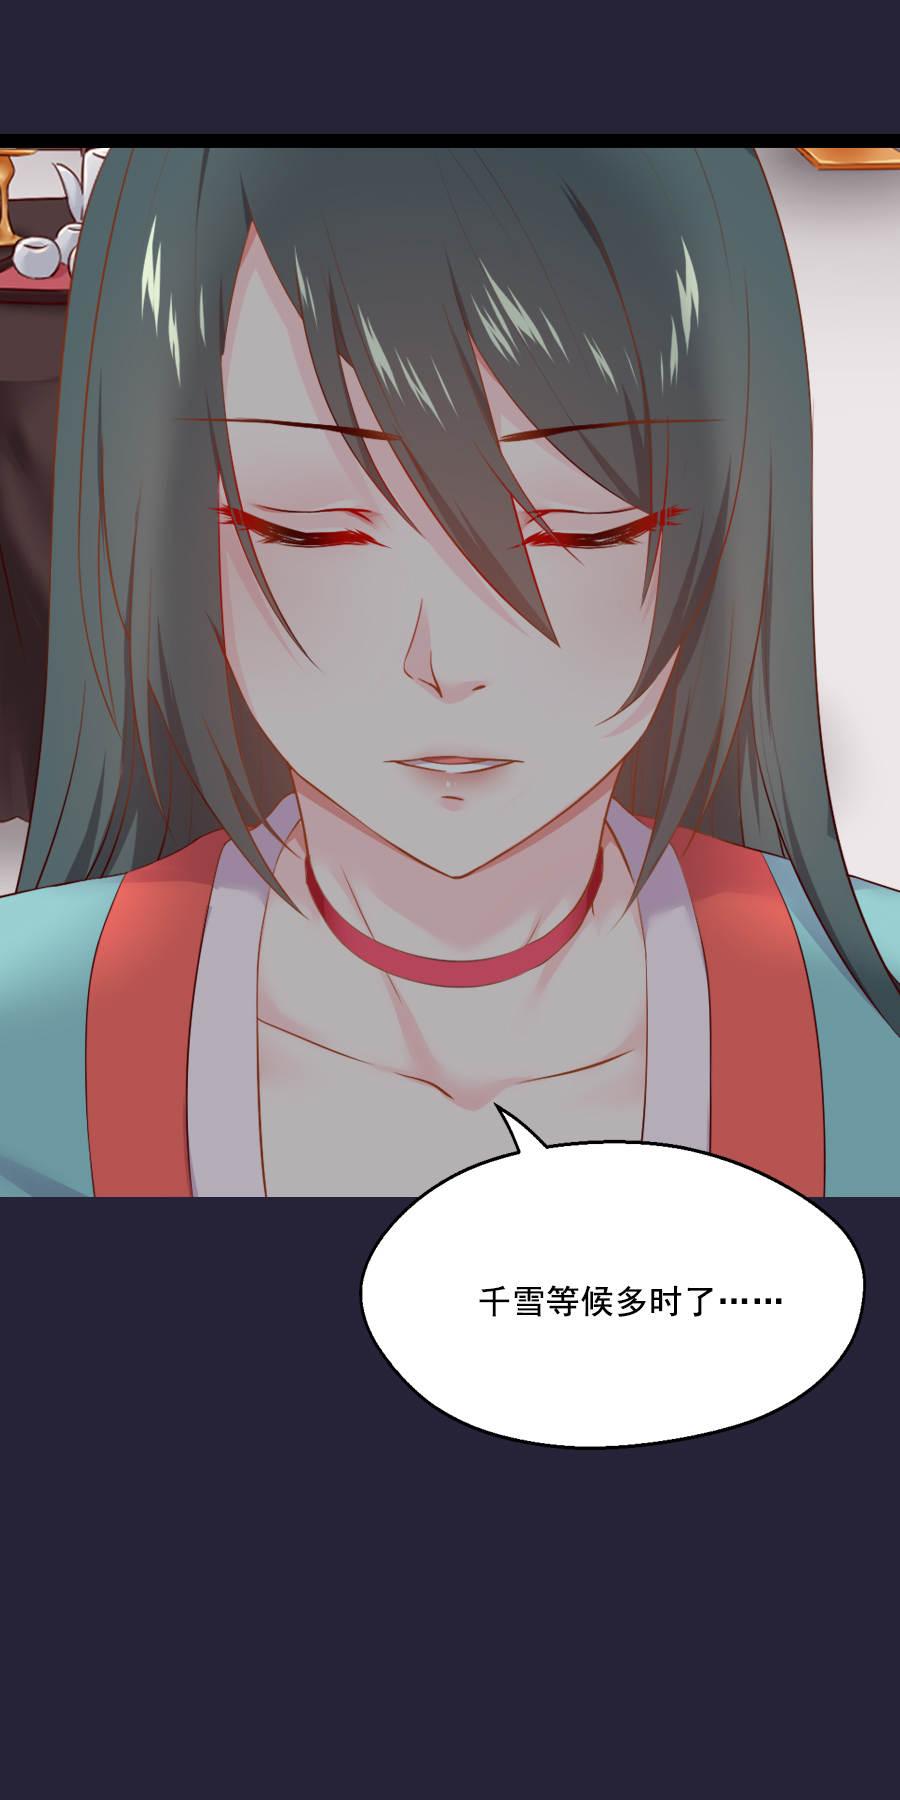 盛世帝王妃第55话  三哥要走?!! 第 3